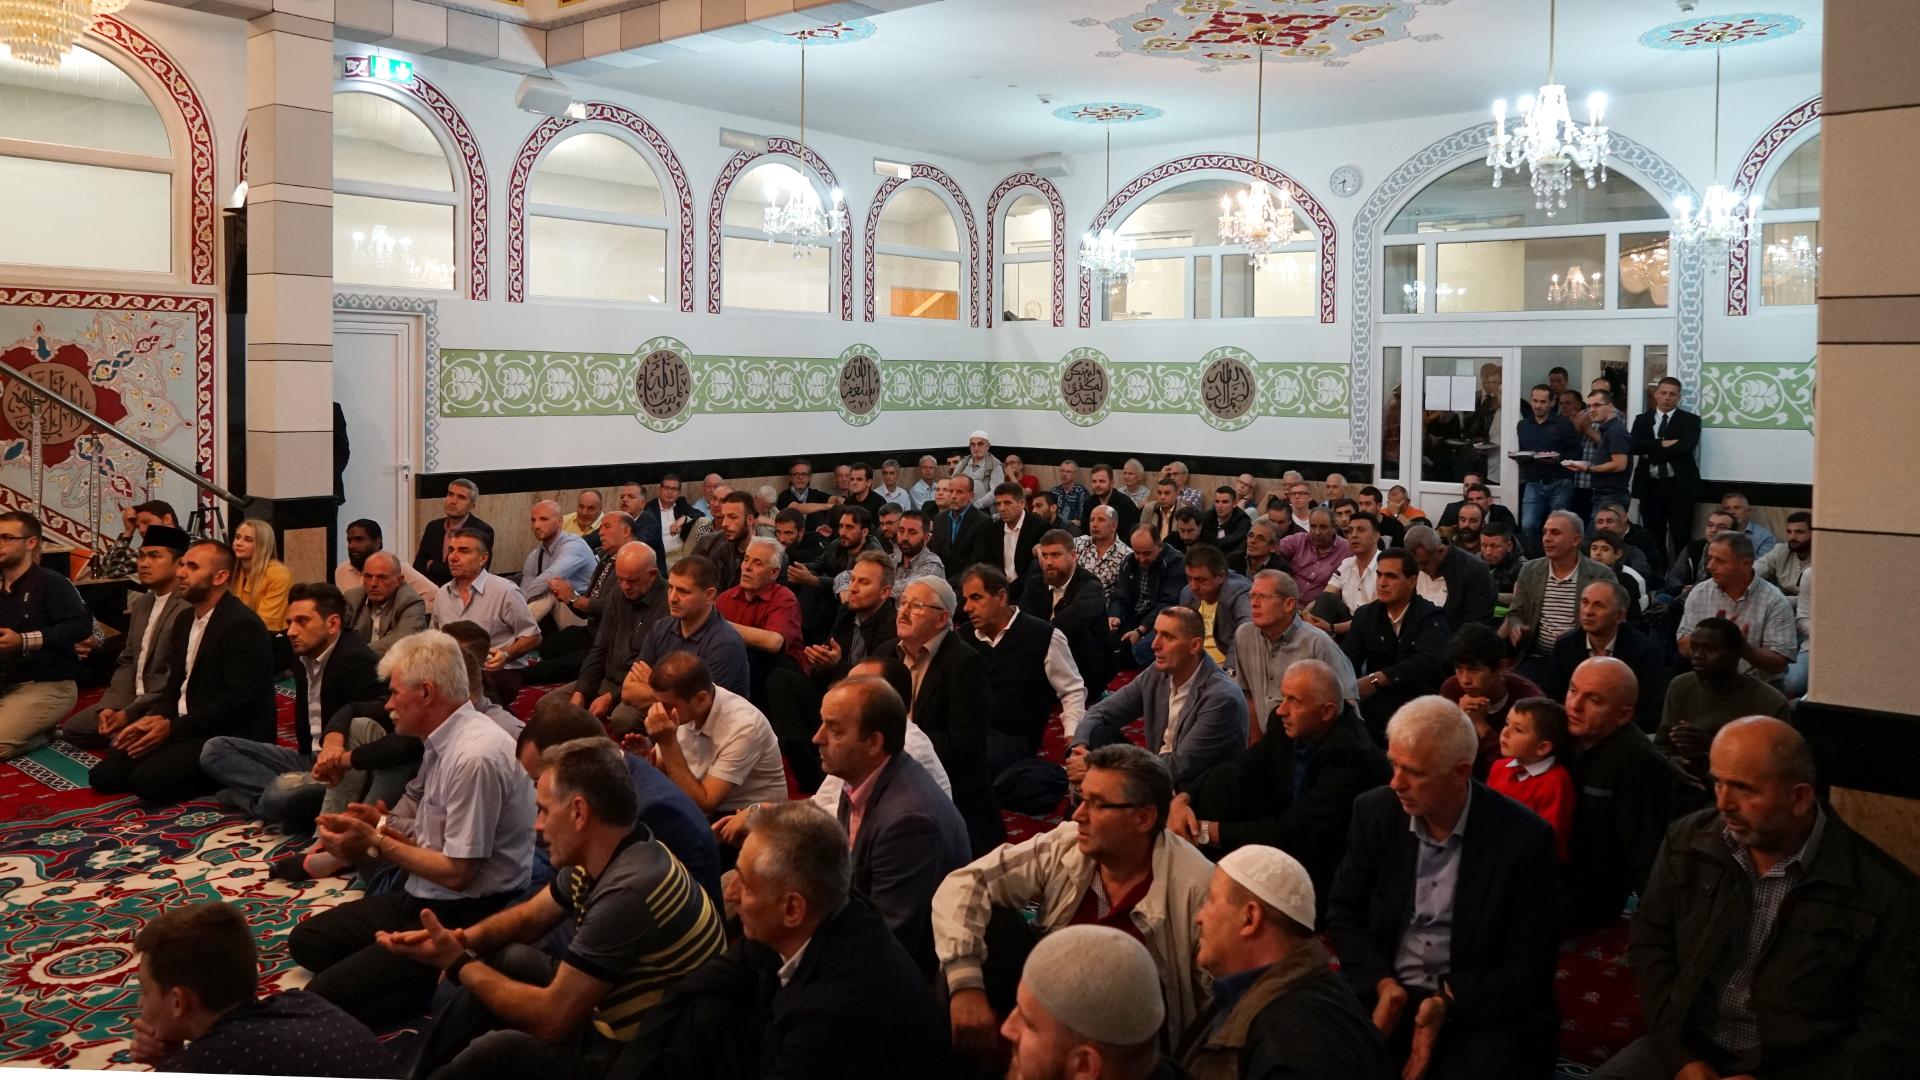 Vor dem Gebet in der Moschee im Berner Haus der Religionen | © Georges Scherrer